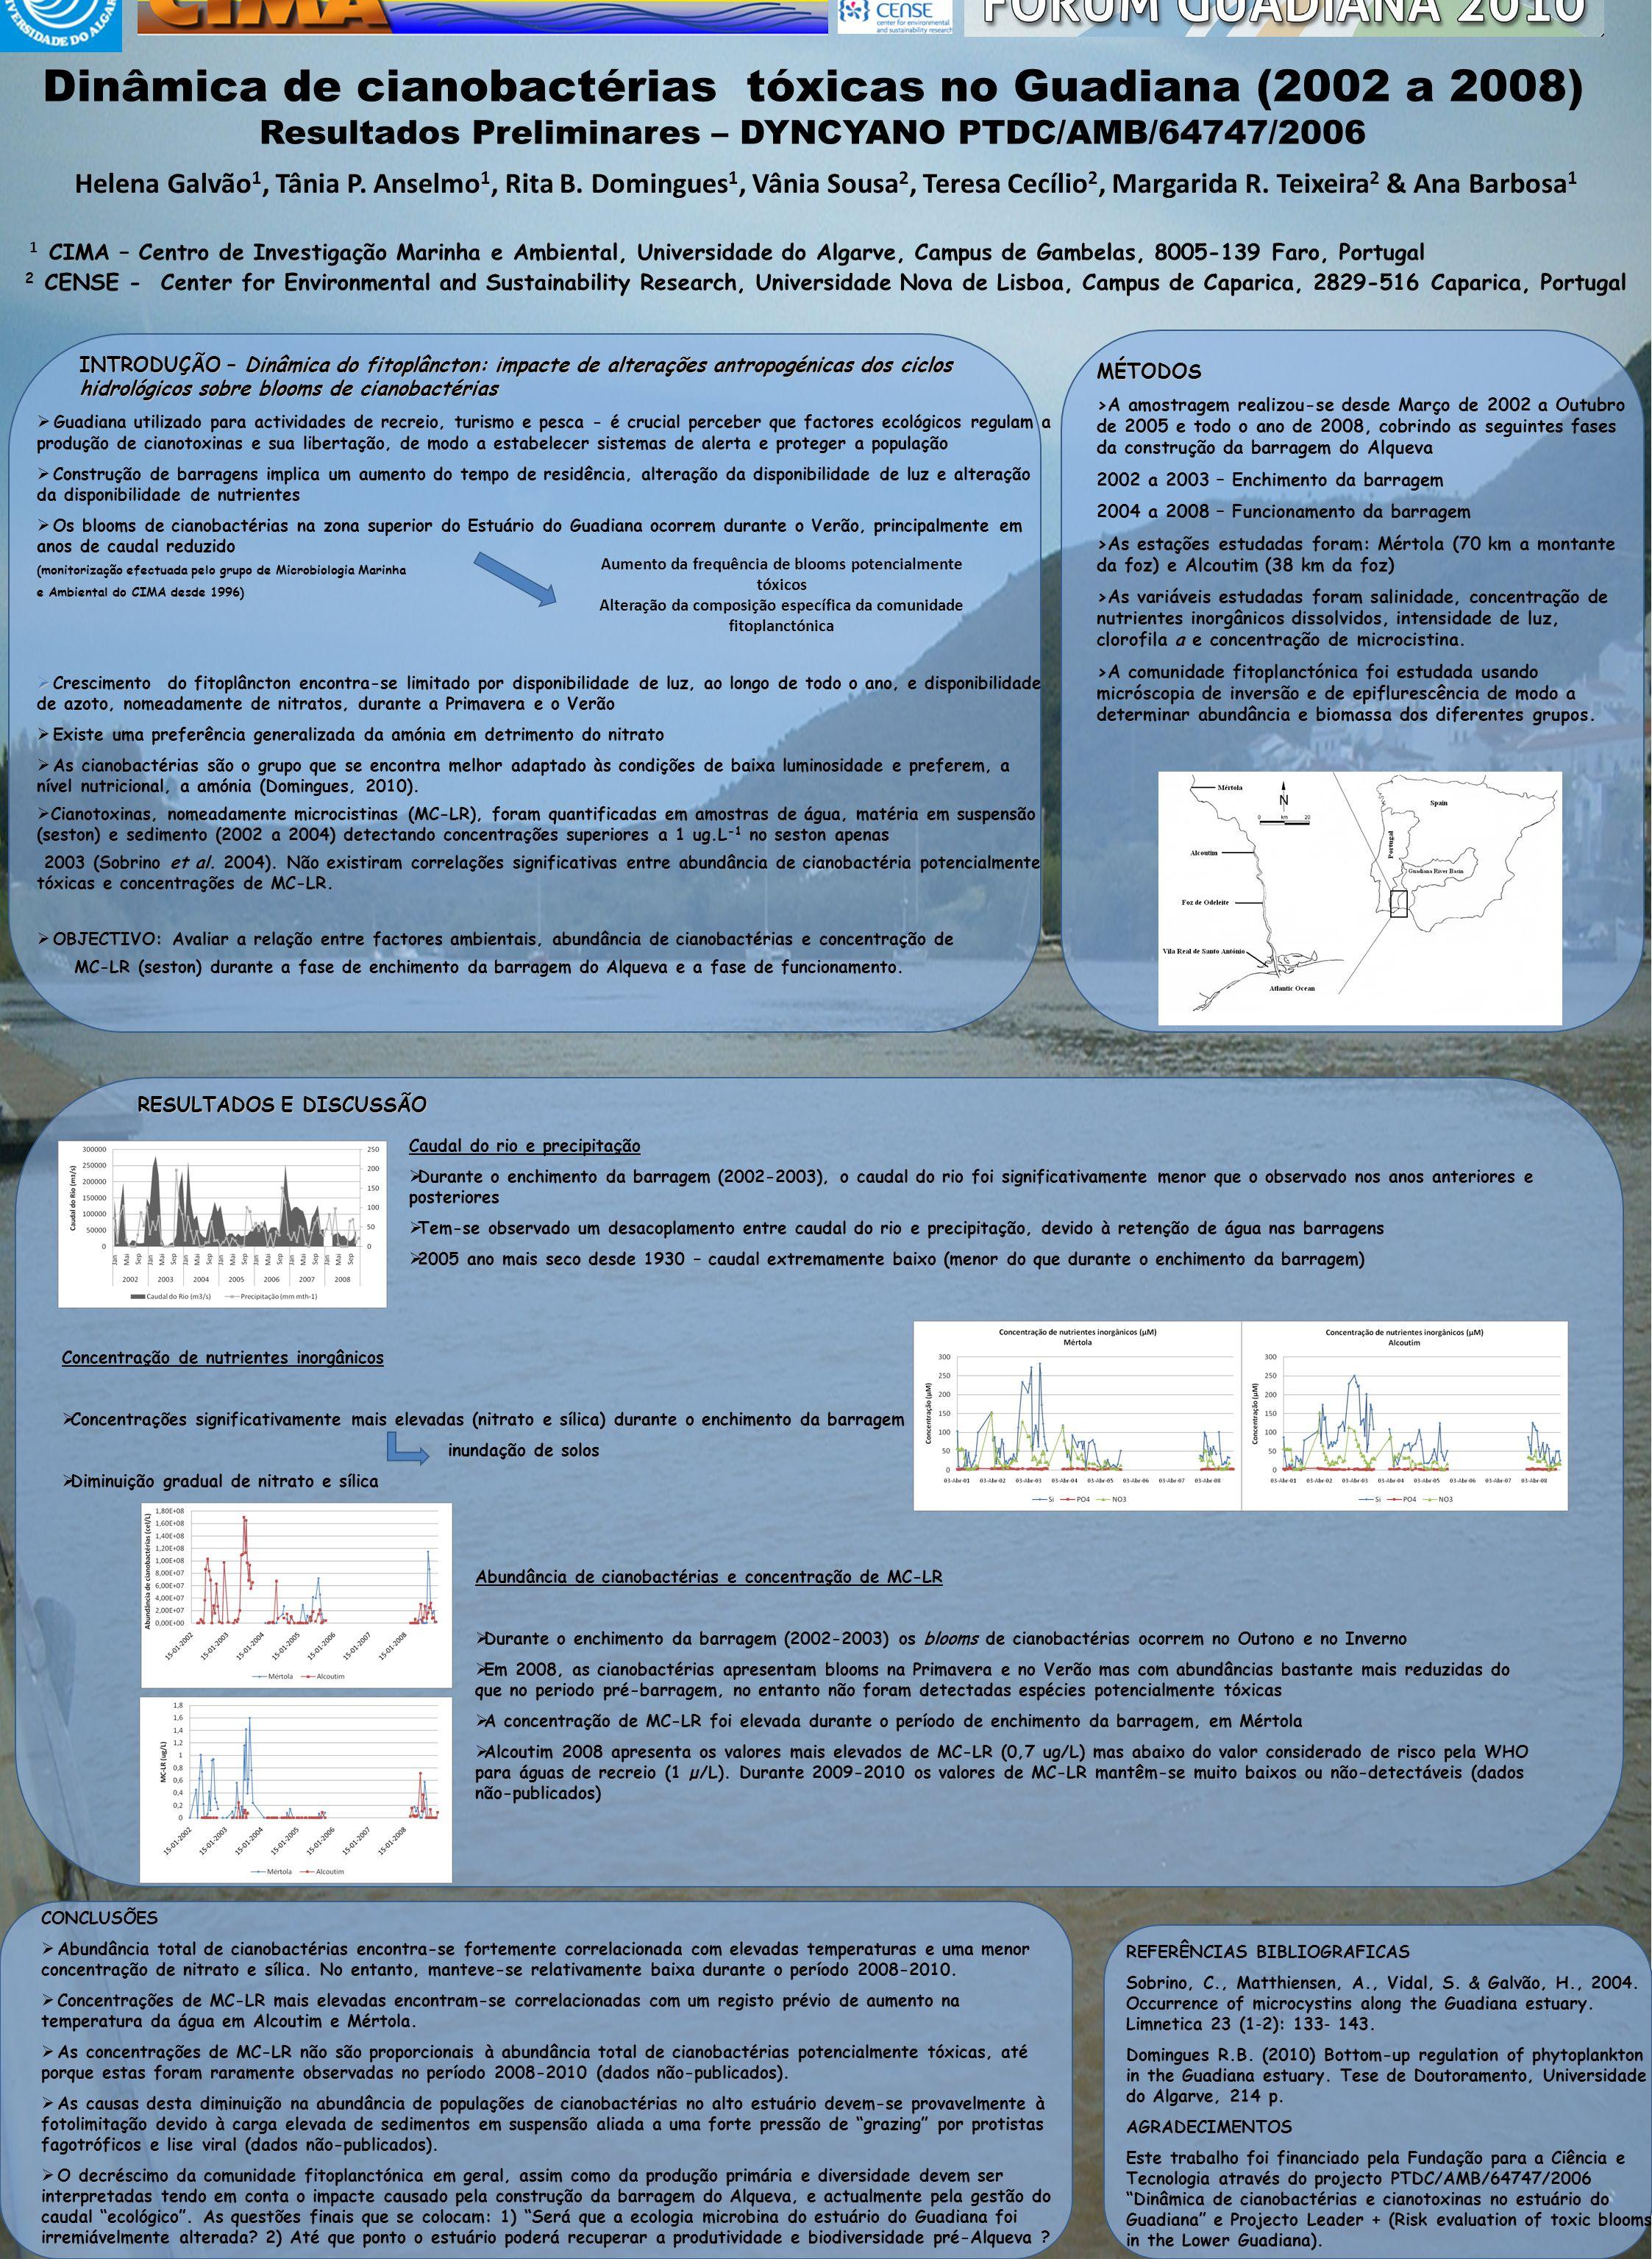 Dinâmica de cianobactérias tóxicas no Guadiana (2002 a 2008) Resultados Preliminares – DYNCYANO PTDC/AMB/64747/2006 Helena Galvão 1, Tânia P. Anselmo